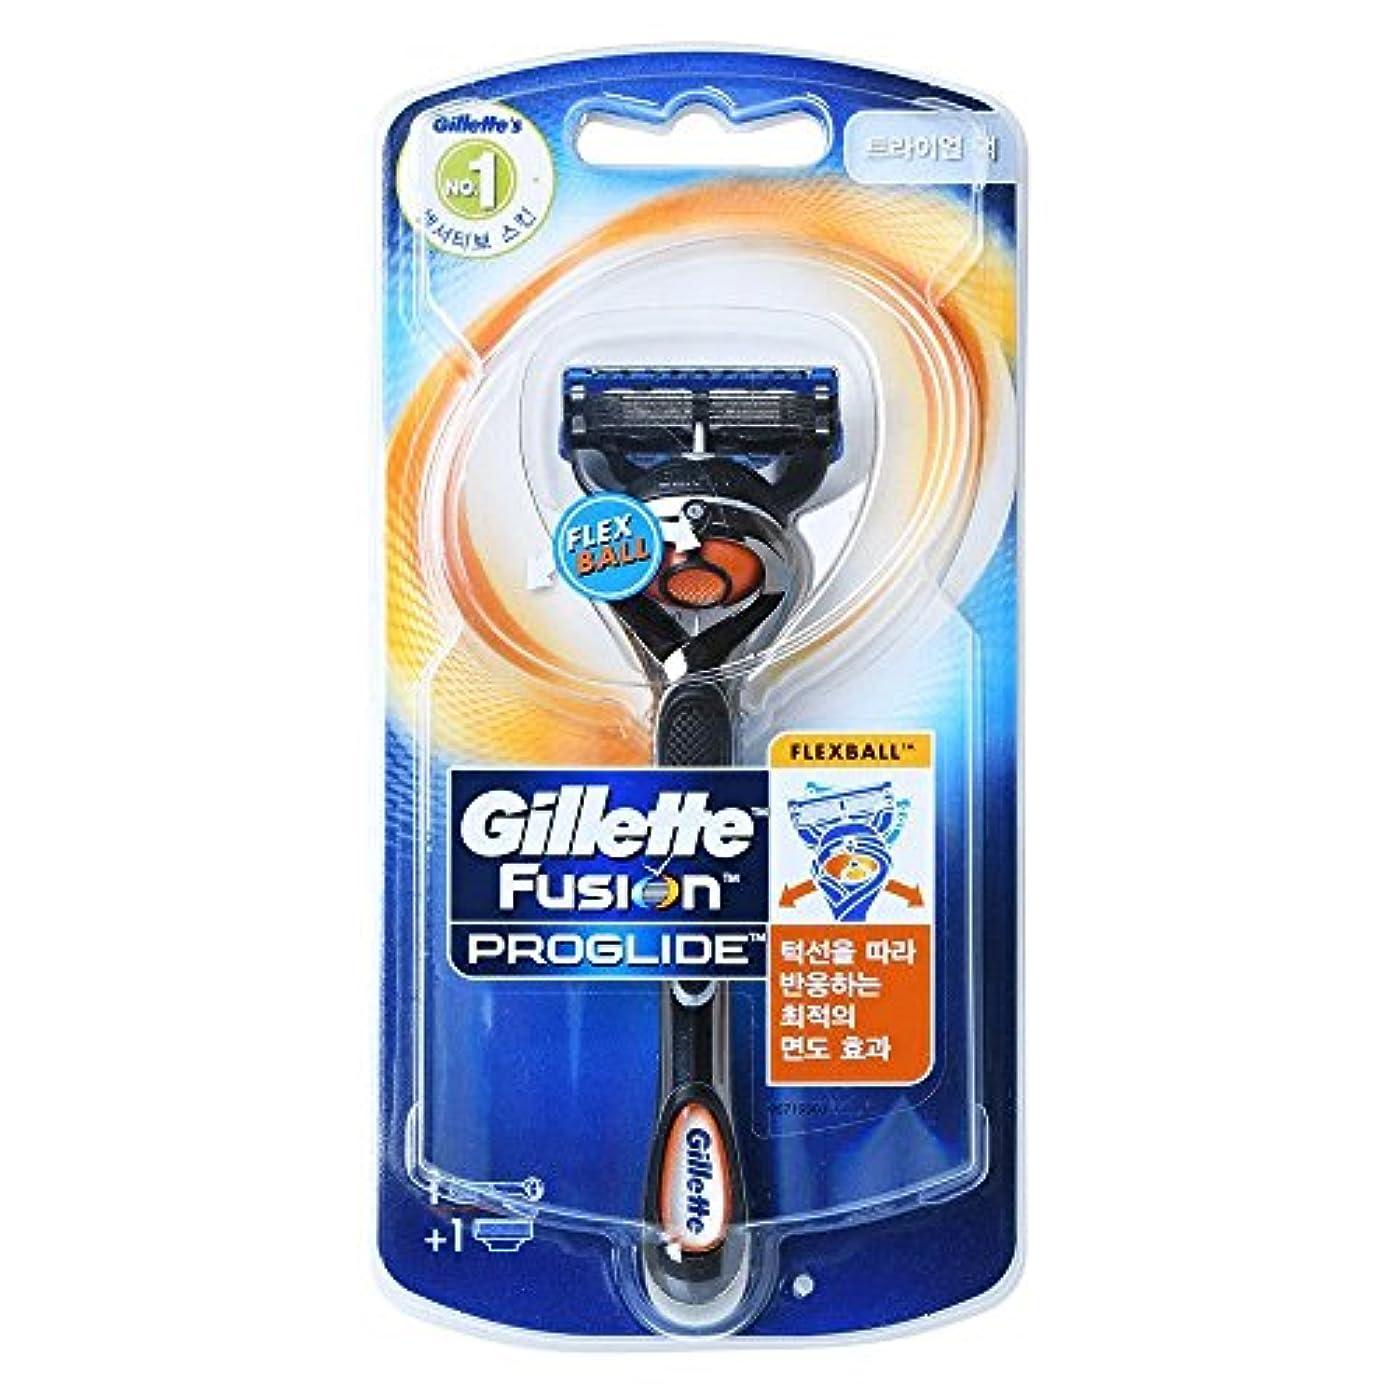 流す腐食する規範Gillette Fusion Proglide Flexball Men's 1本のカミソリ1本でカミソリ1本 Trial pack [並行輸入品]